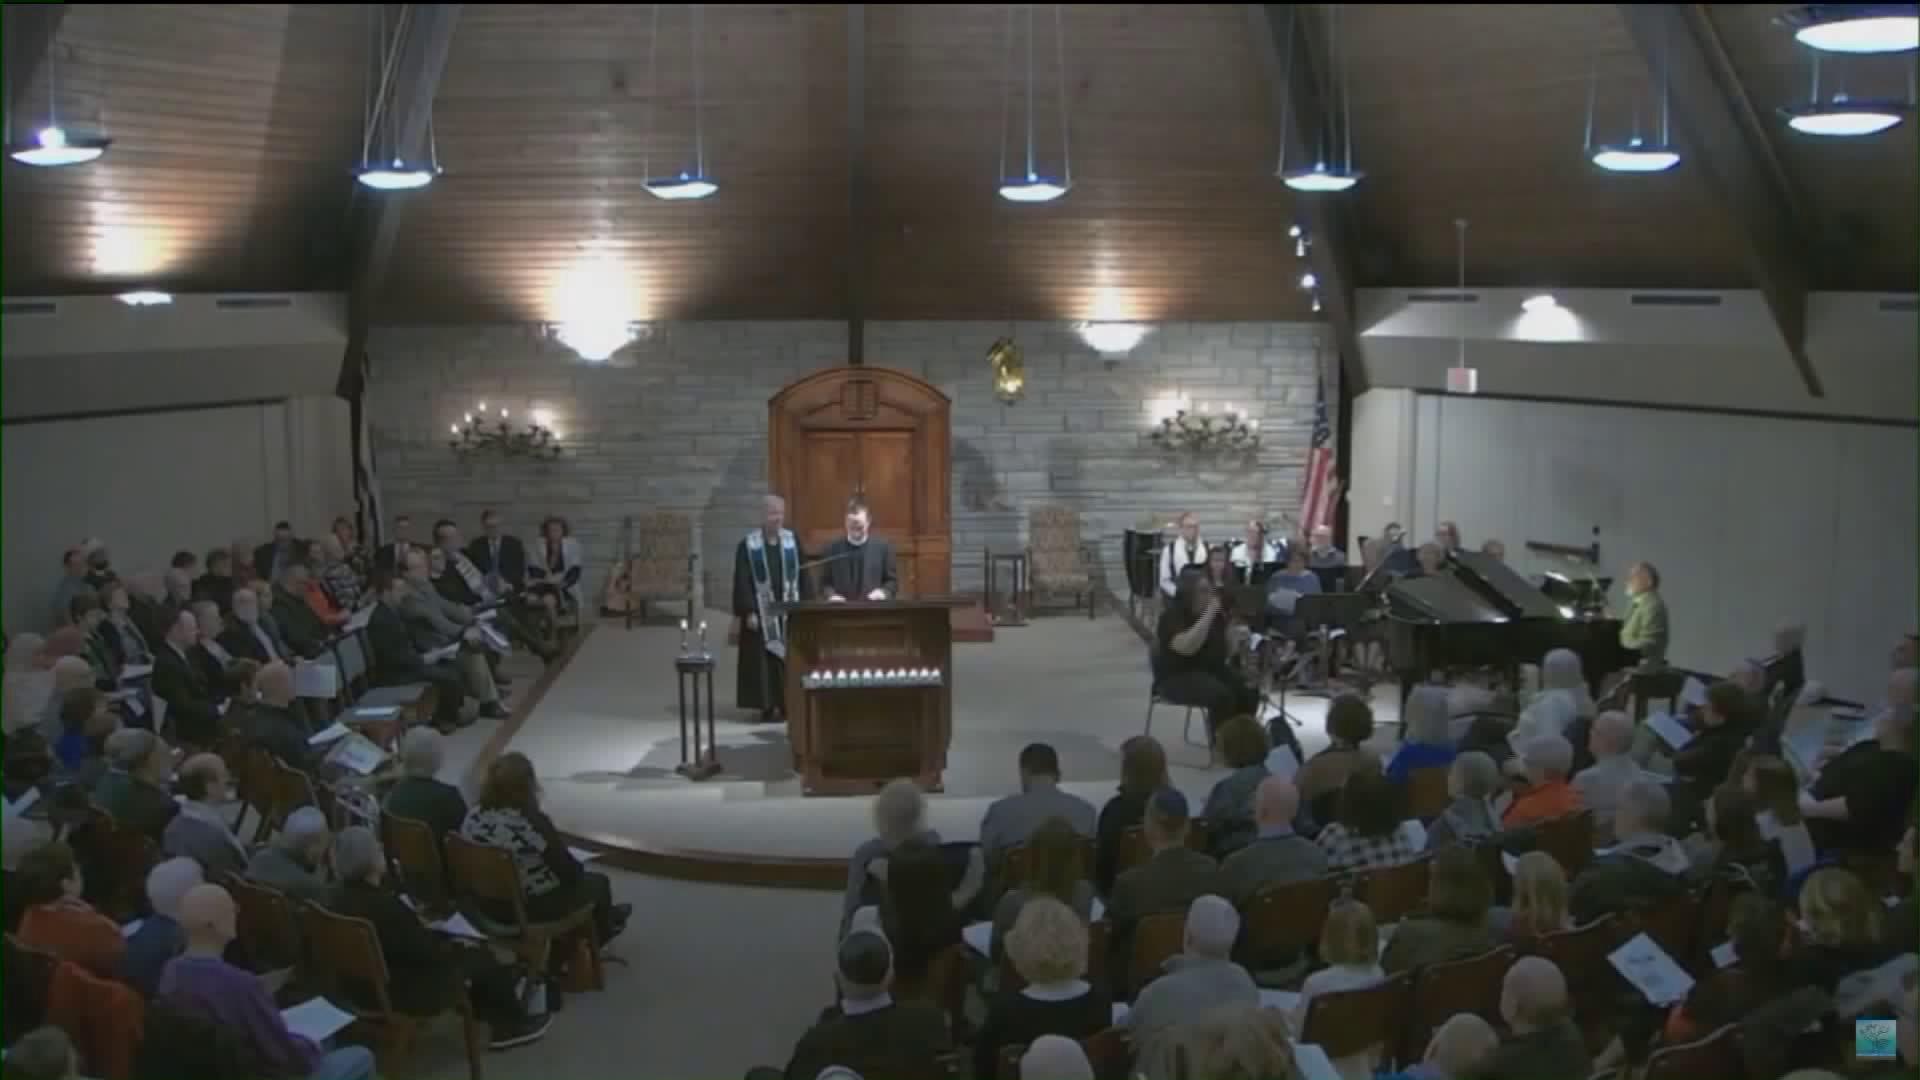 W Lomabrd upamiętniono ofiary strzelaniny  w synagodze w Pittsburghu